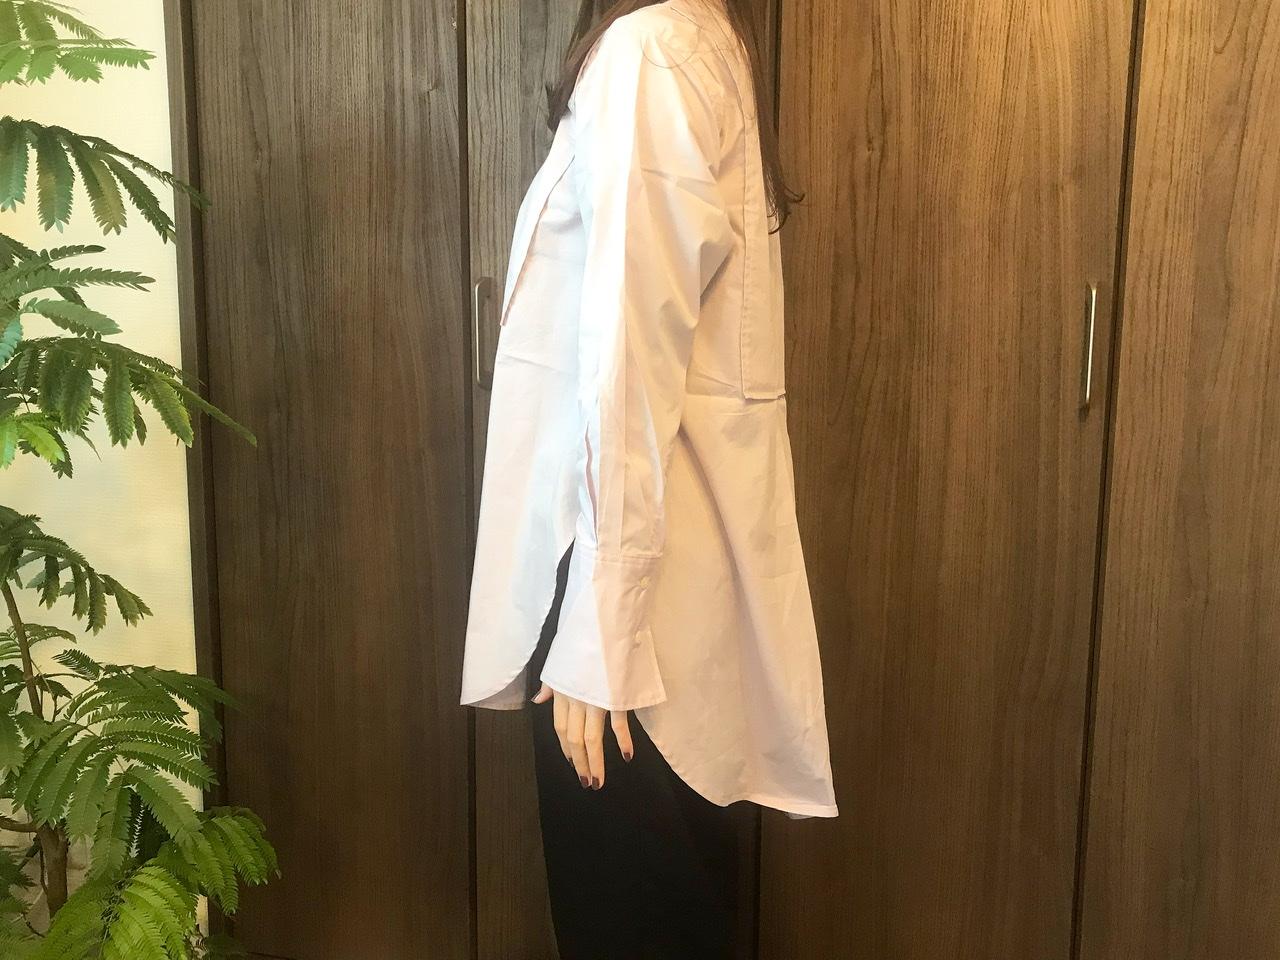 プチプラ服!【センスオブプレイス】の《春色ドレスシャツ》が可愛い♡⋈_5